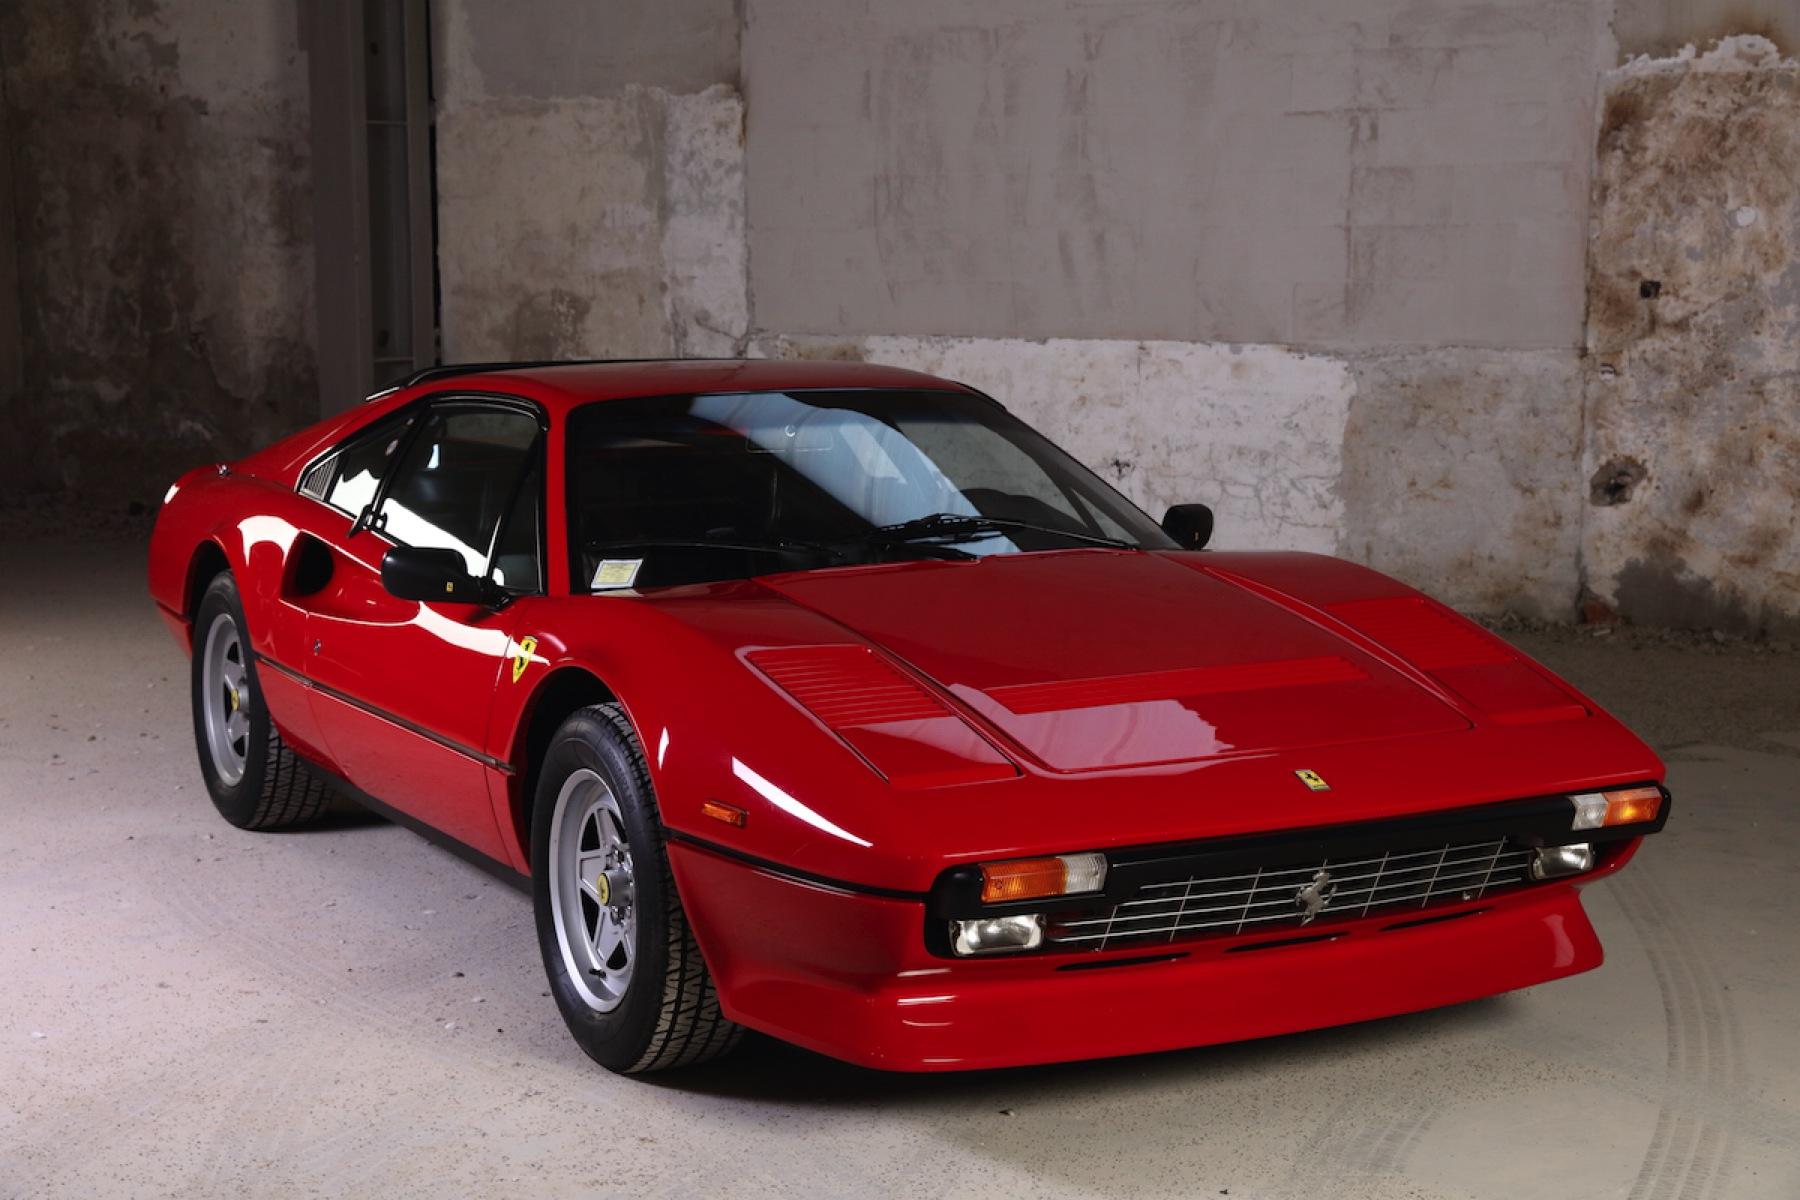 001 Ferrari 308_001